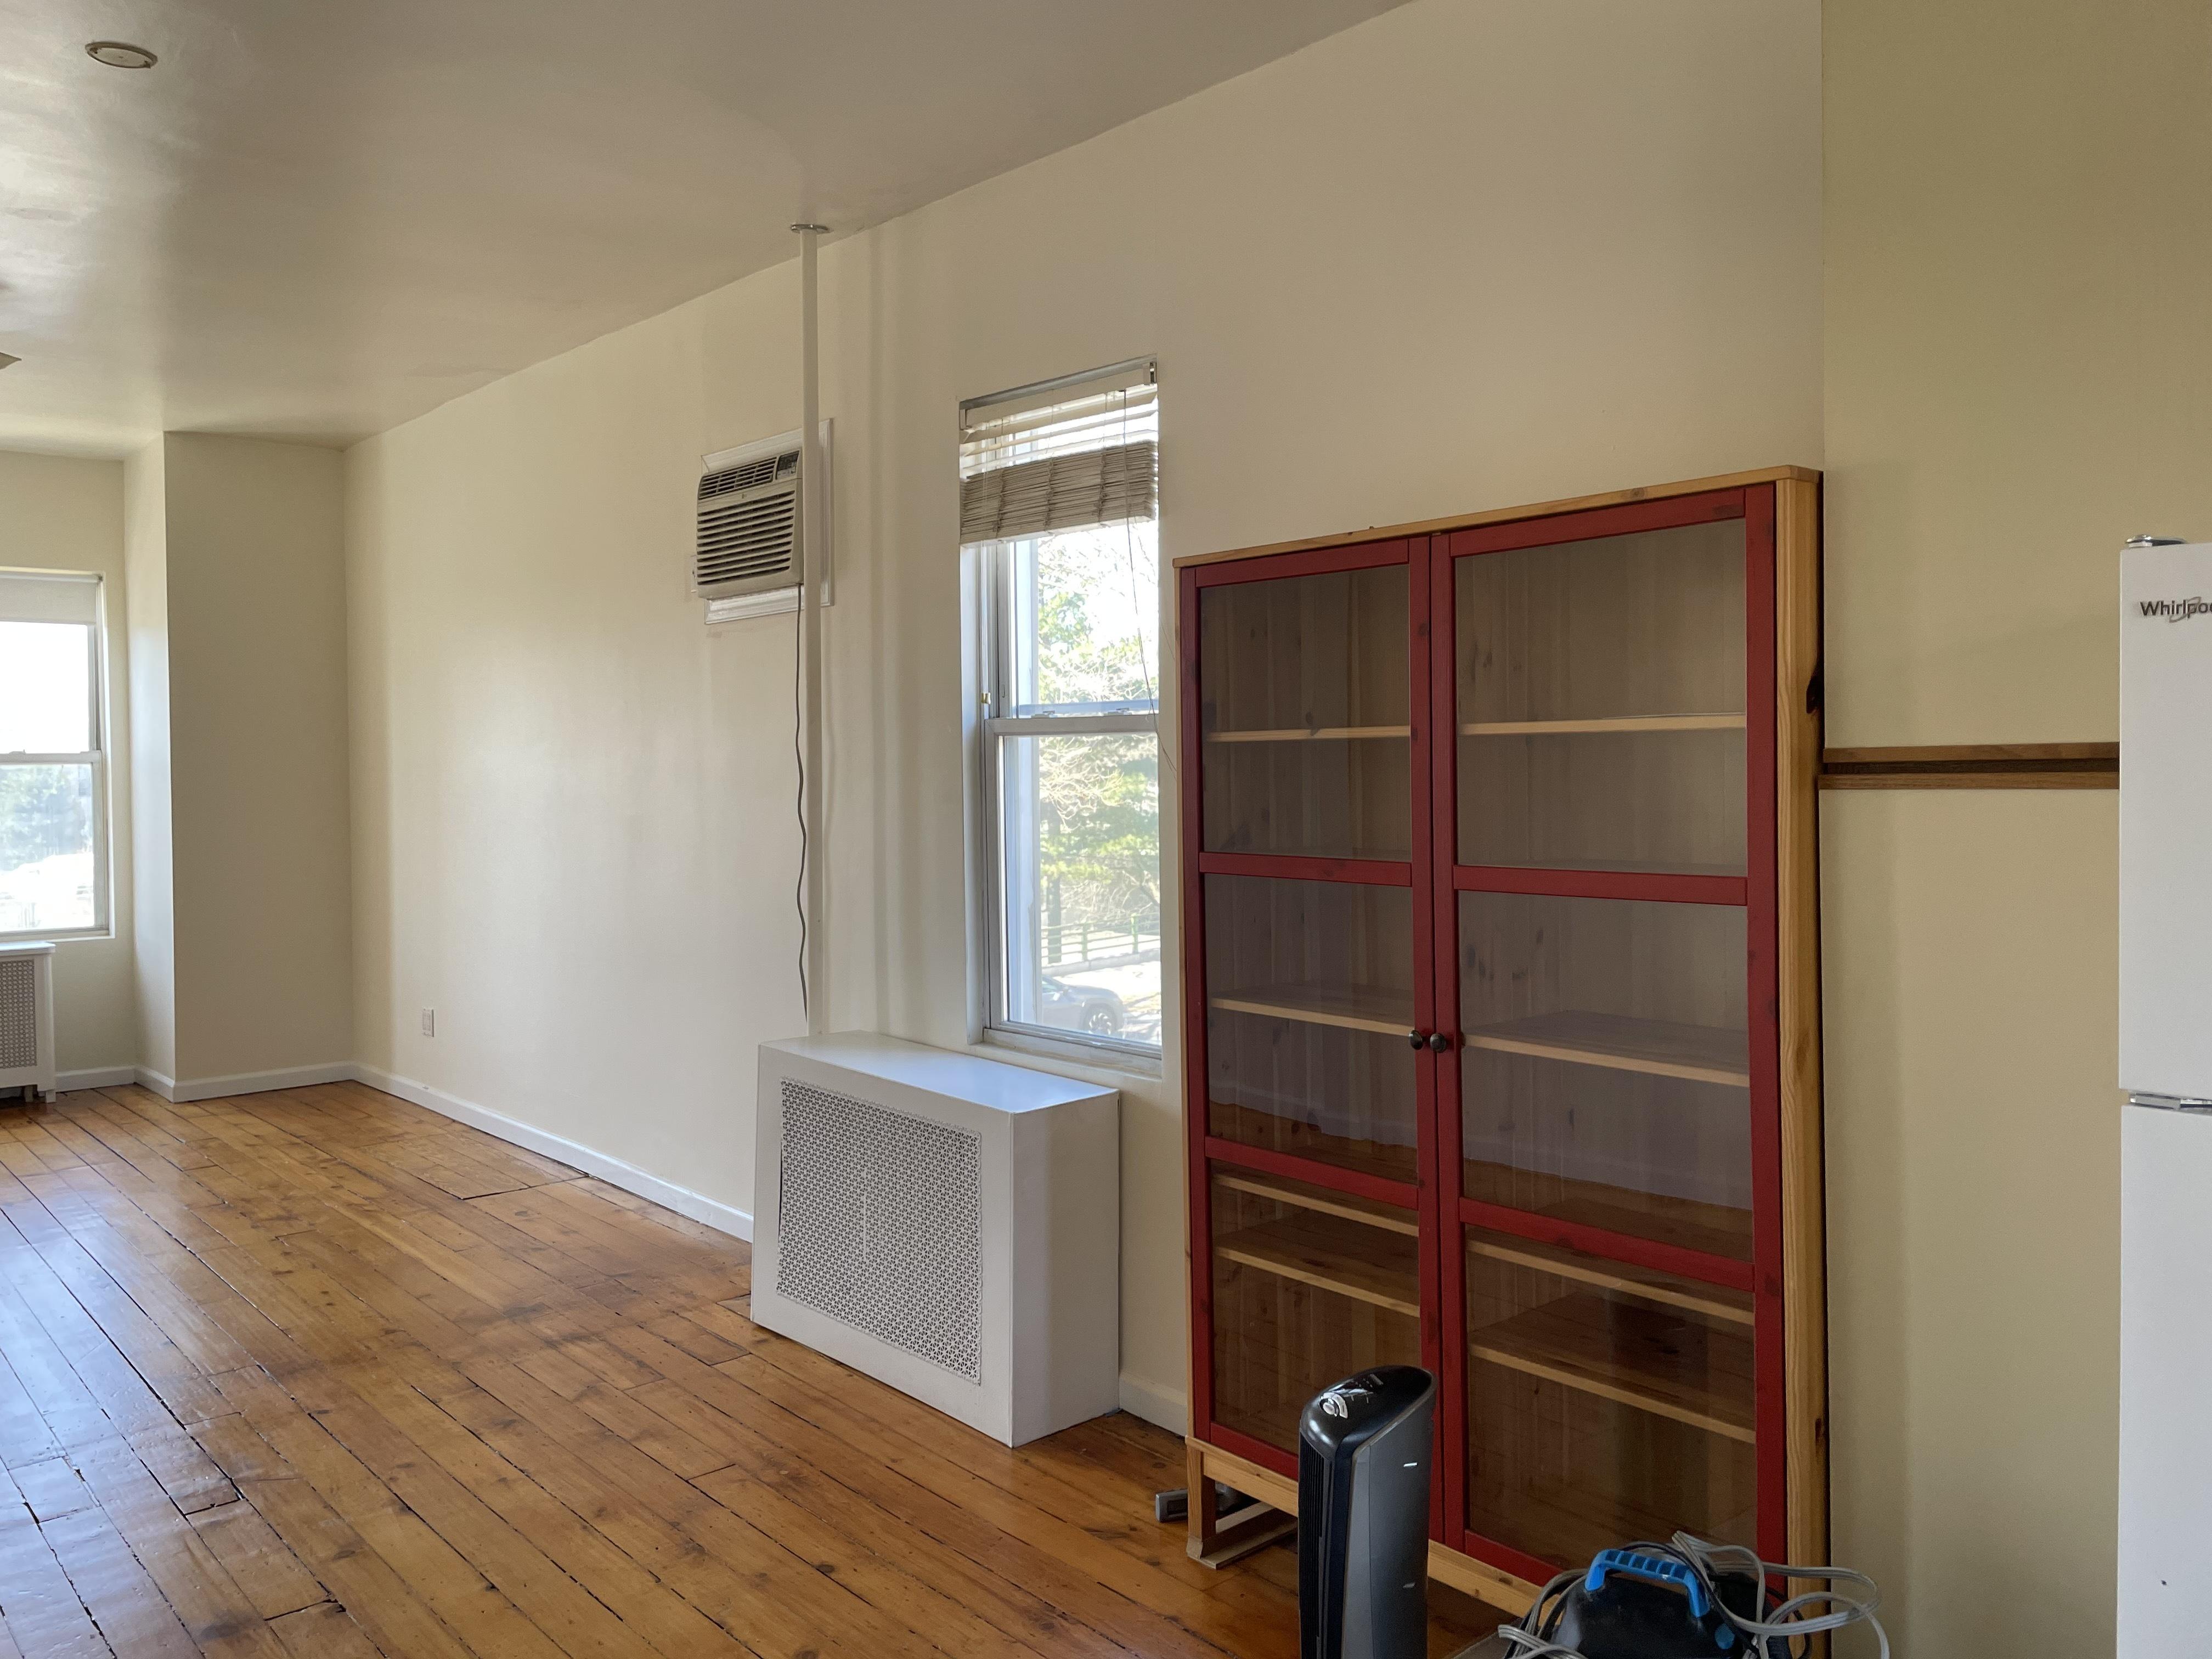 521 18th Street 2 Park Slope Brooklyn NY 11215